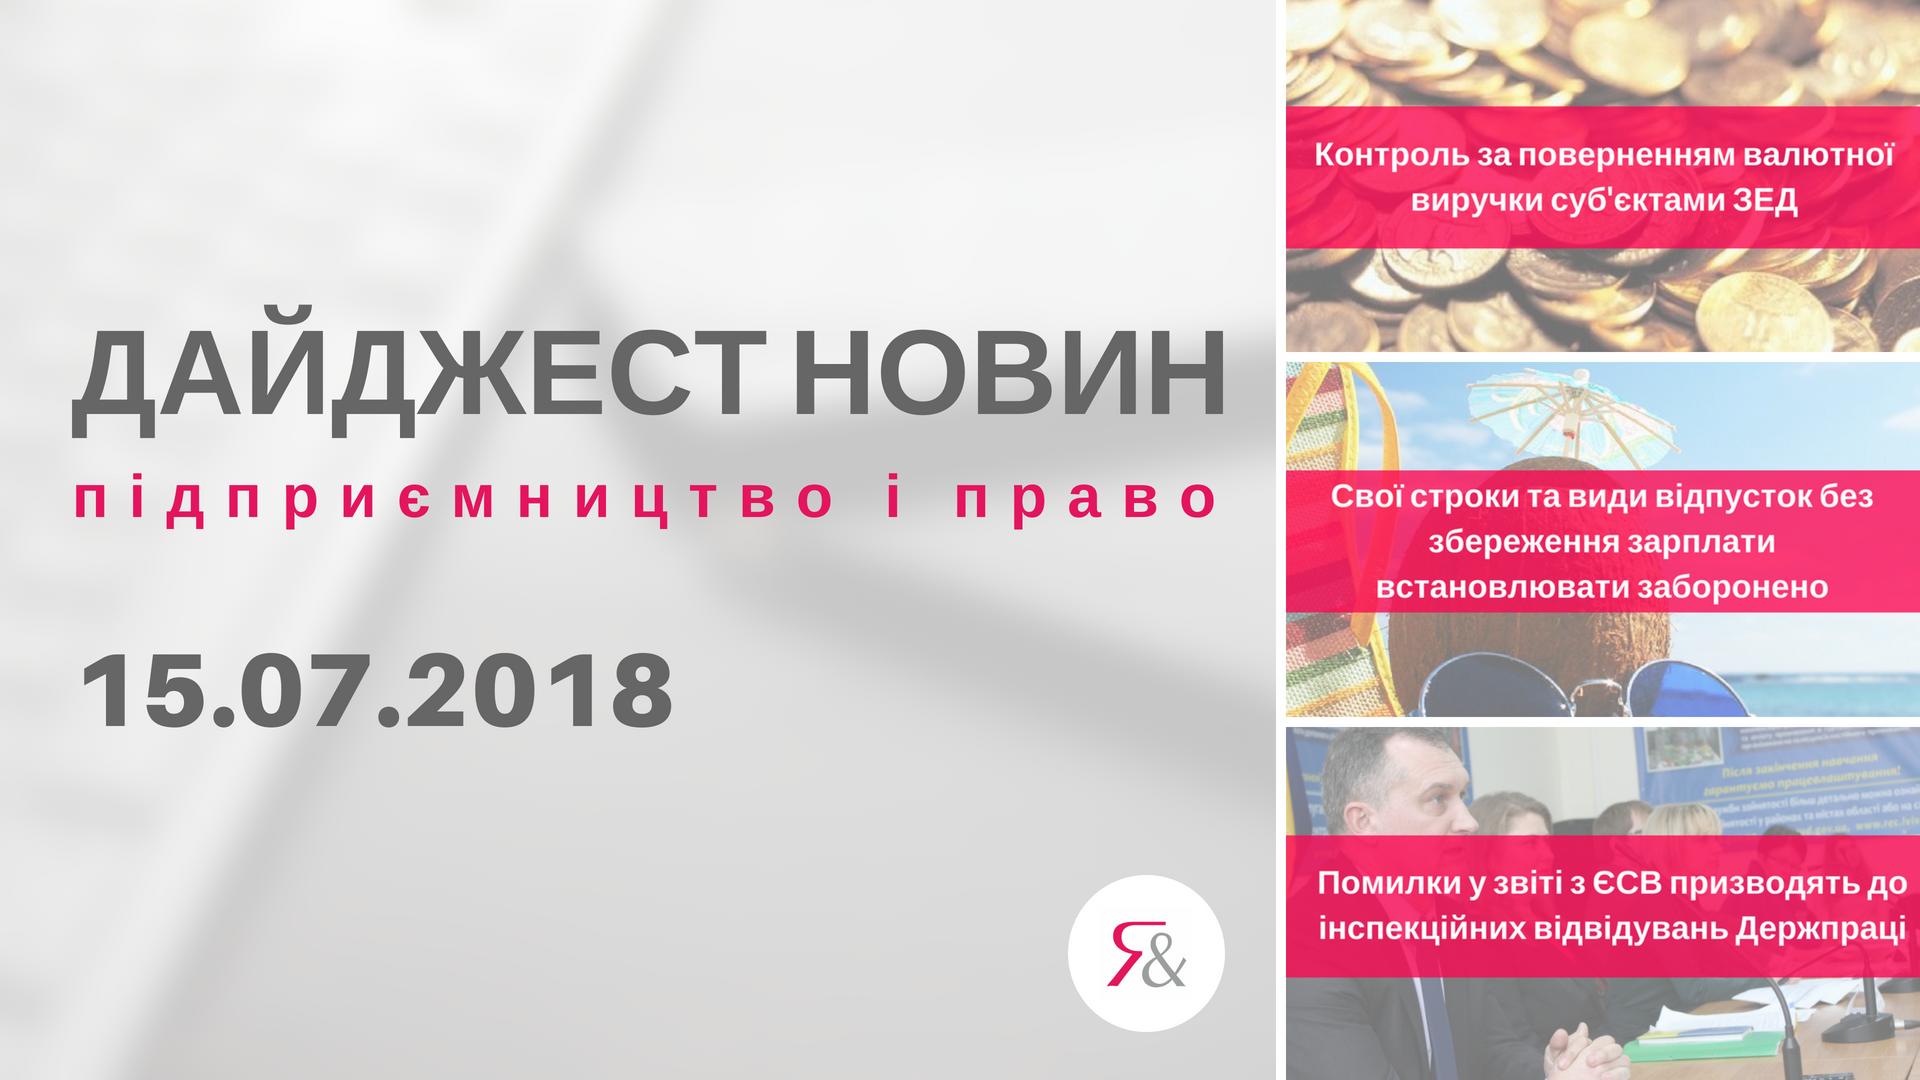 Дайджест нoвин «Підприємництво і право» з 09.07.2018 пo 15.07.2018